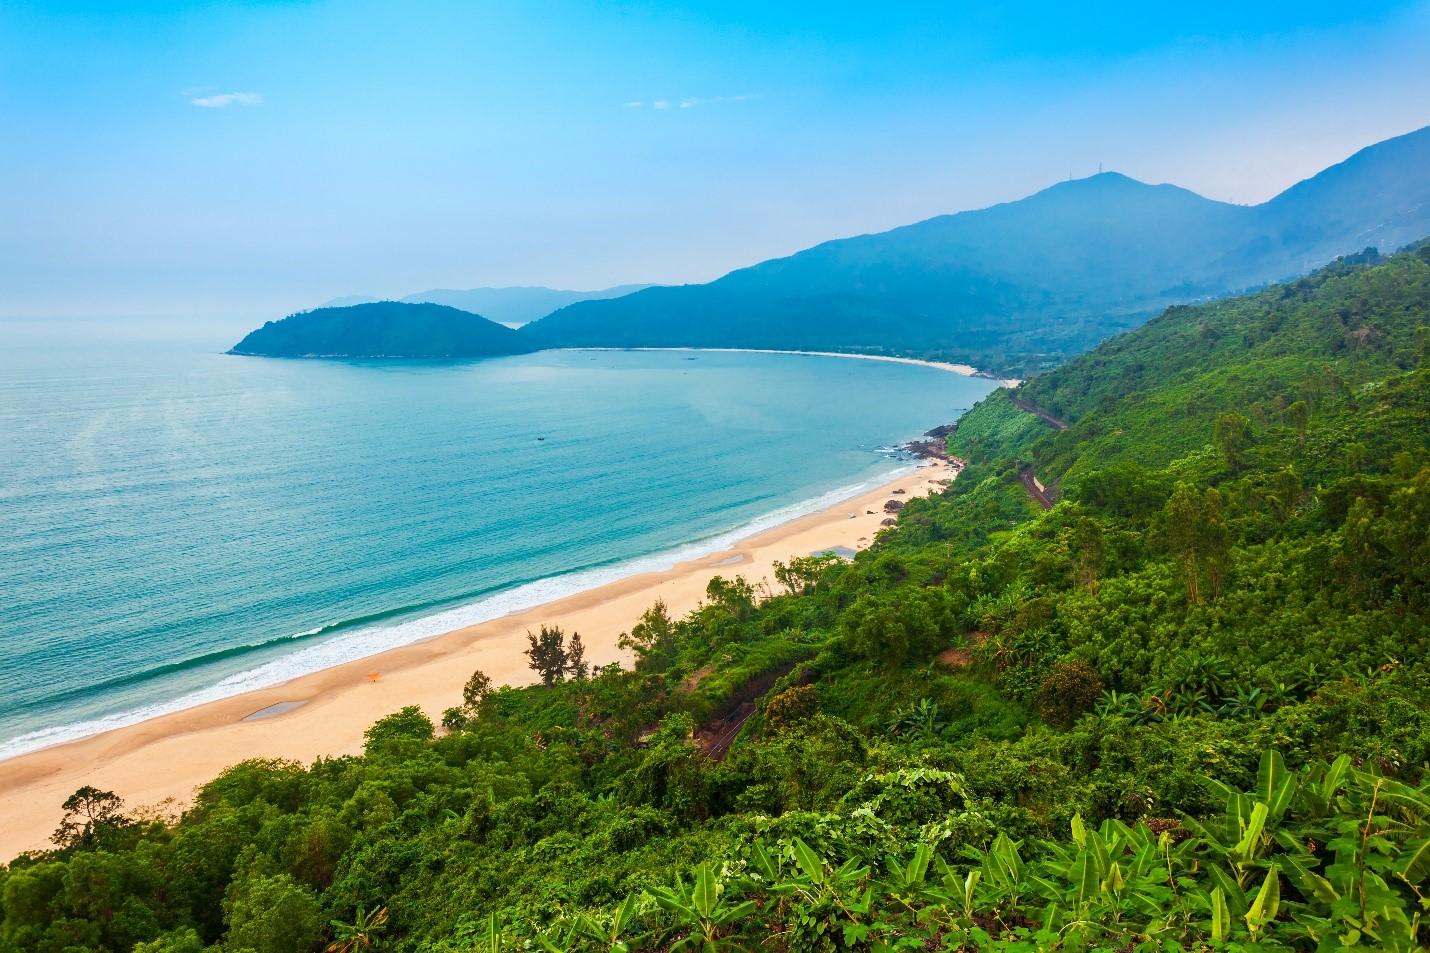 Vẻ đẹp Việt Nam với thiên nhiên trong lành thu hút du khách. Ảnh: Shutterstock.